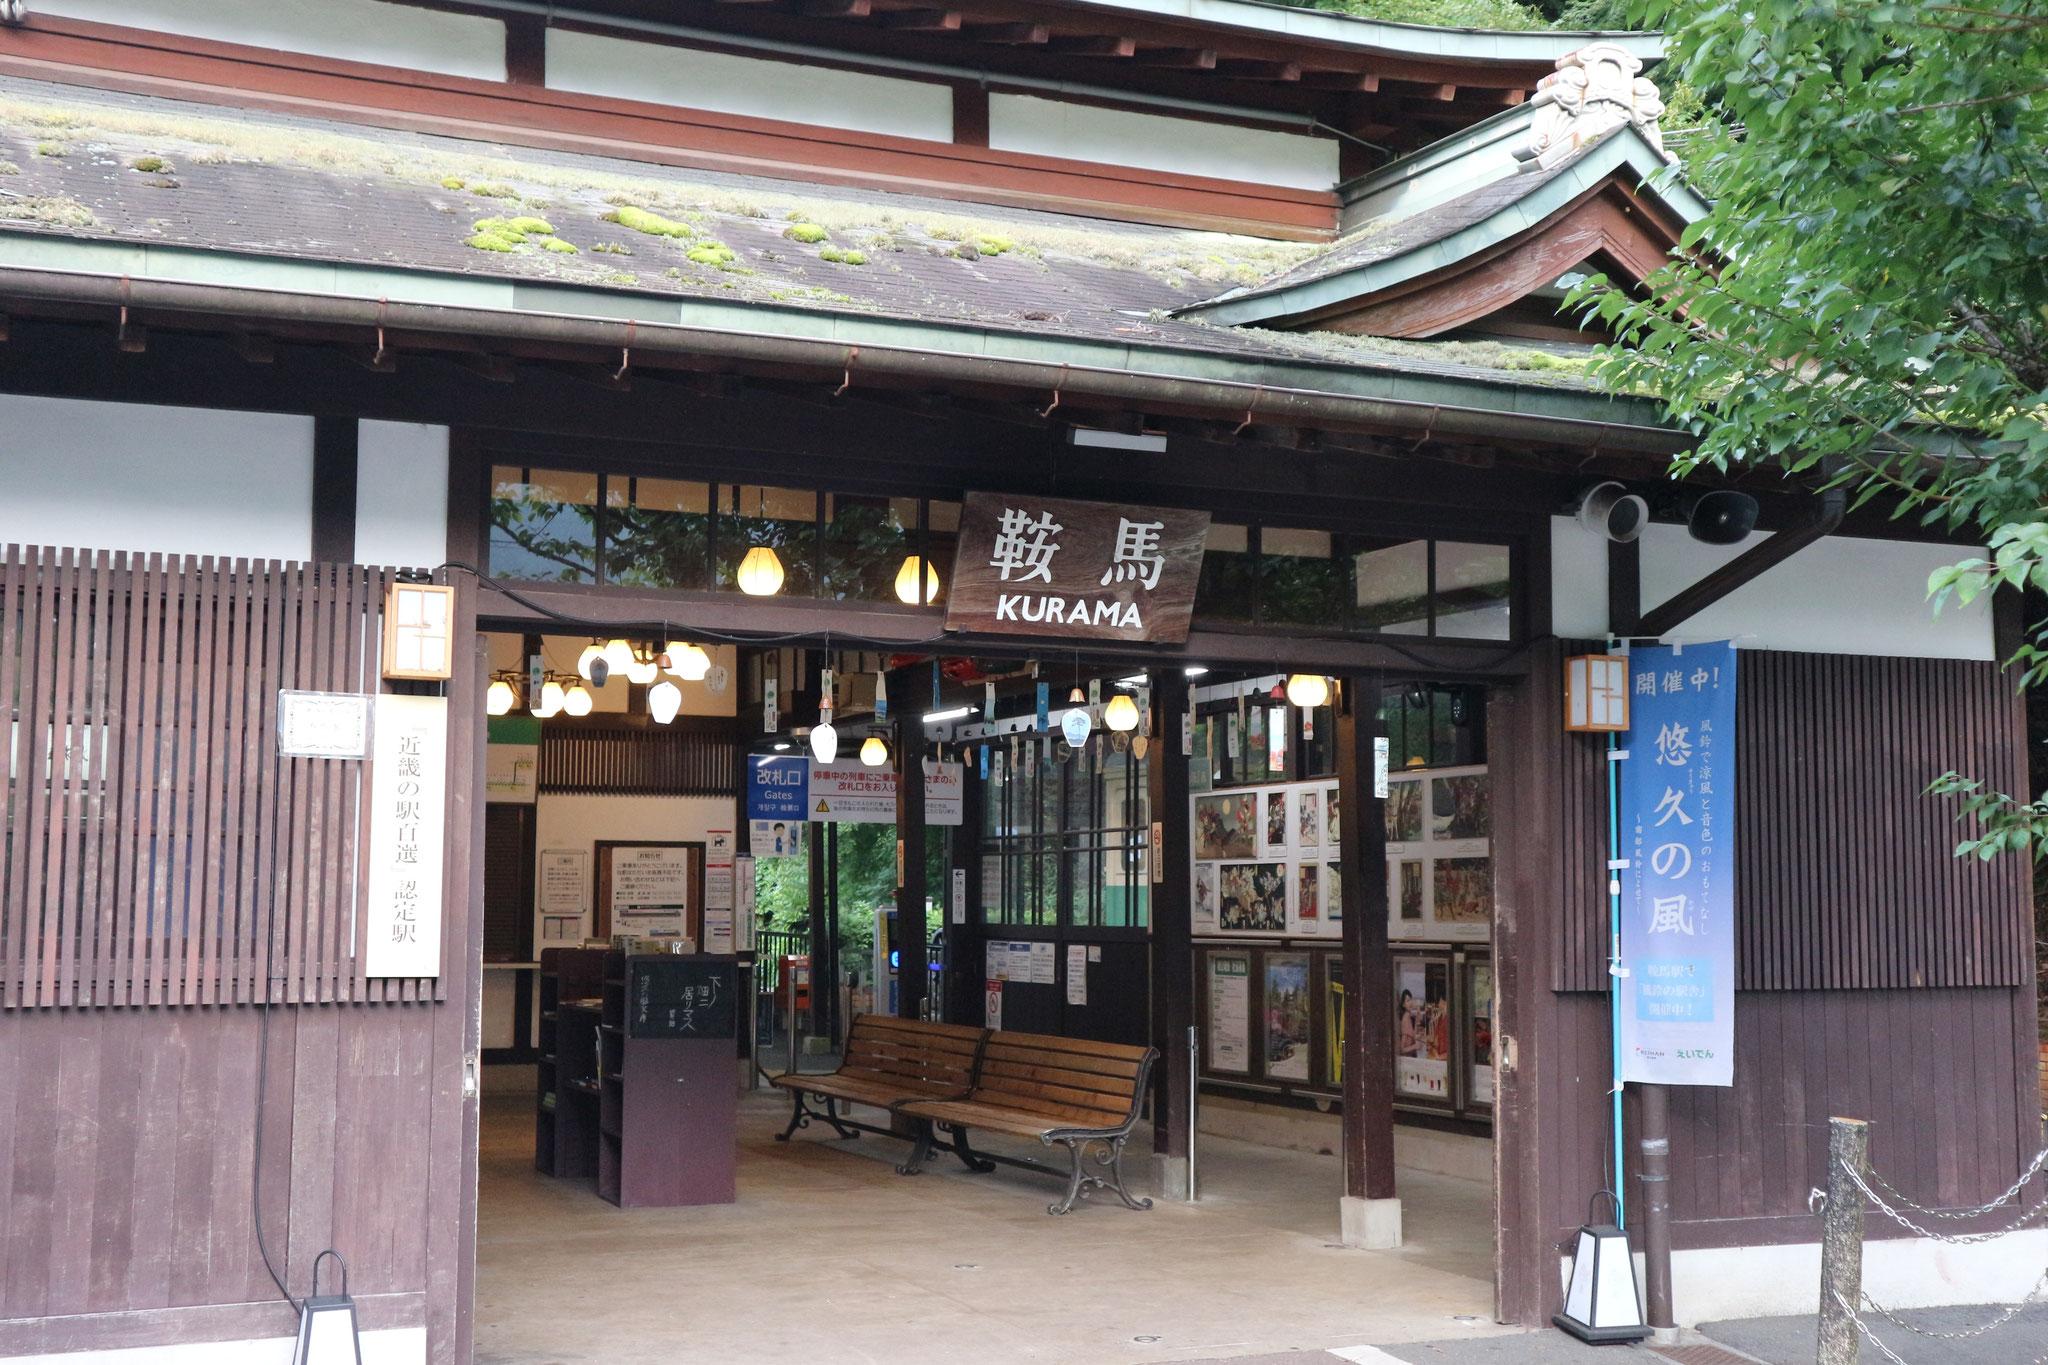 京福電鉄 鞍馬線終点